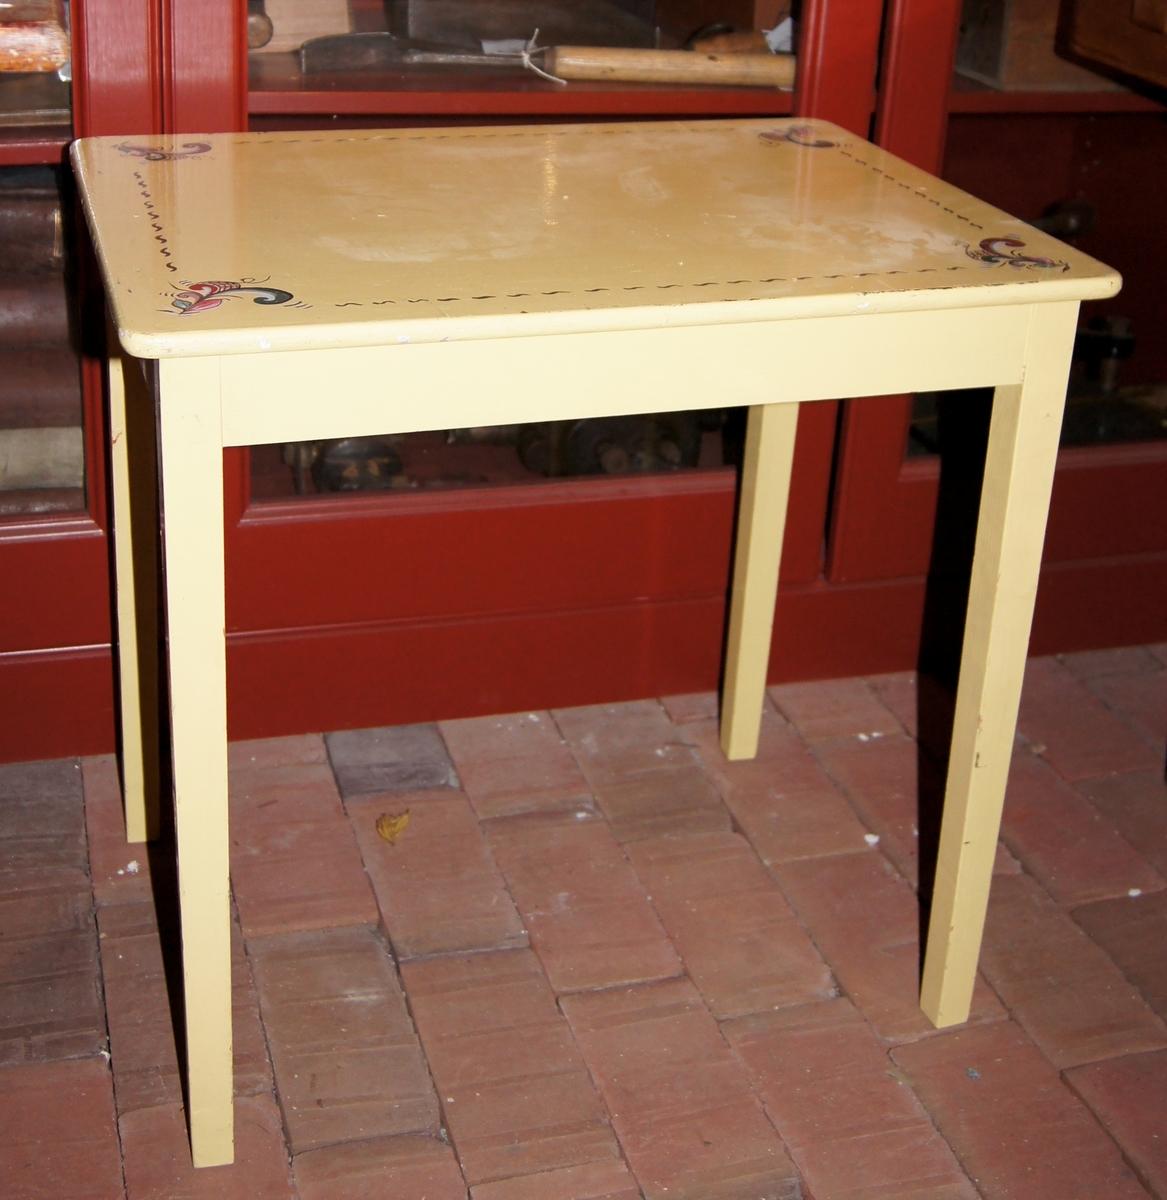 Barnemøbler i tre. Bord, stol og kommode med tre skuffer. Møblene er gule og har påmalt blomsterdekor.